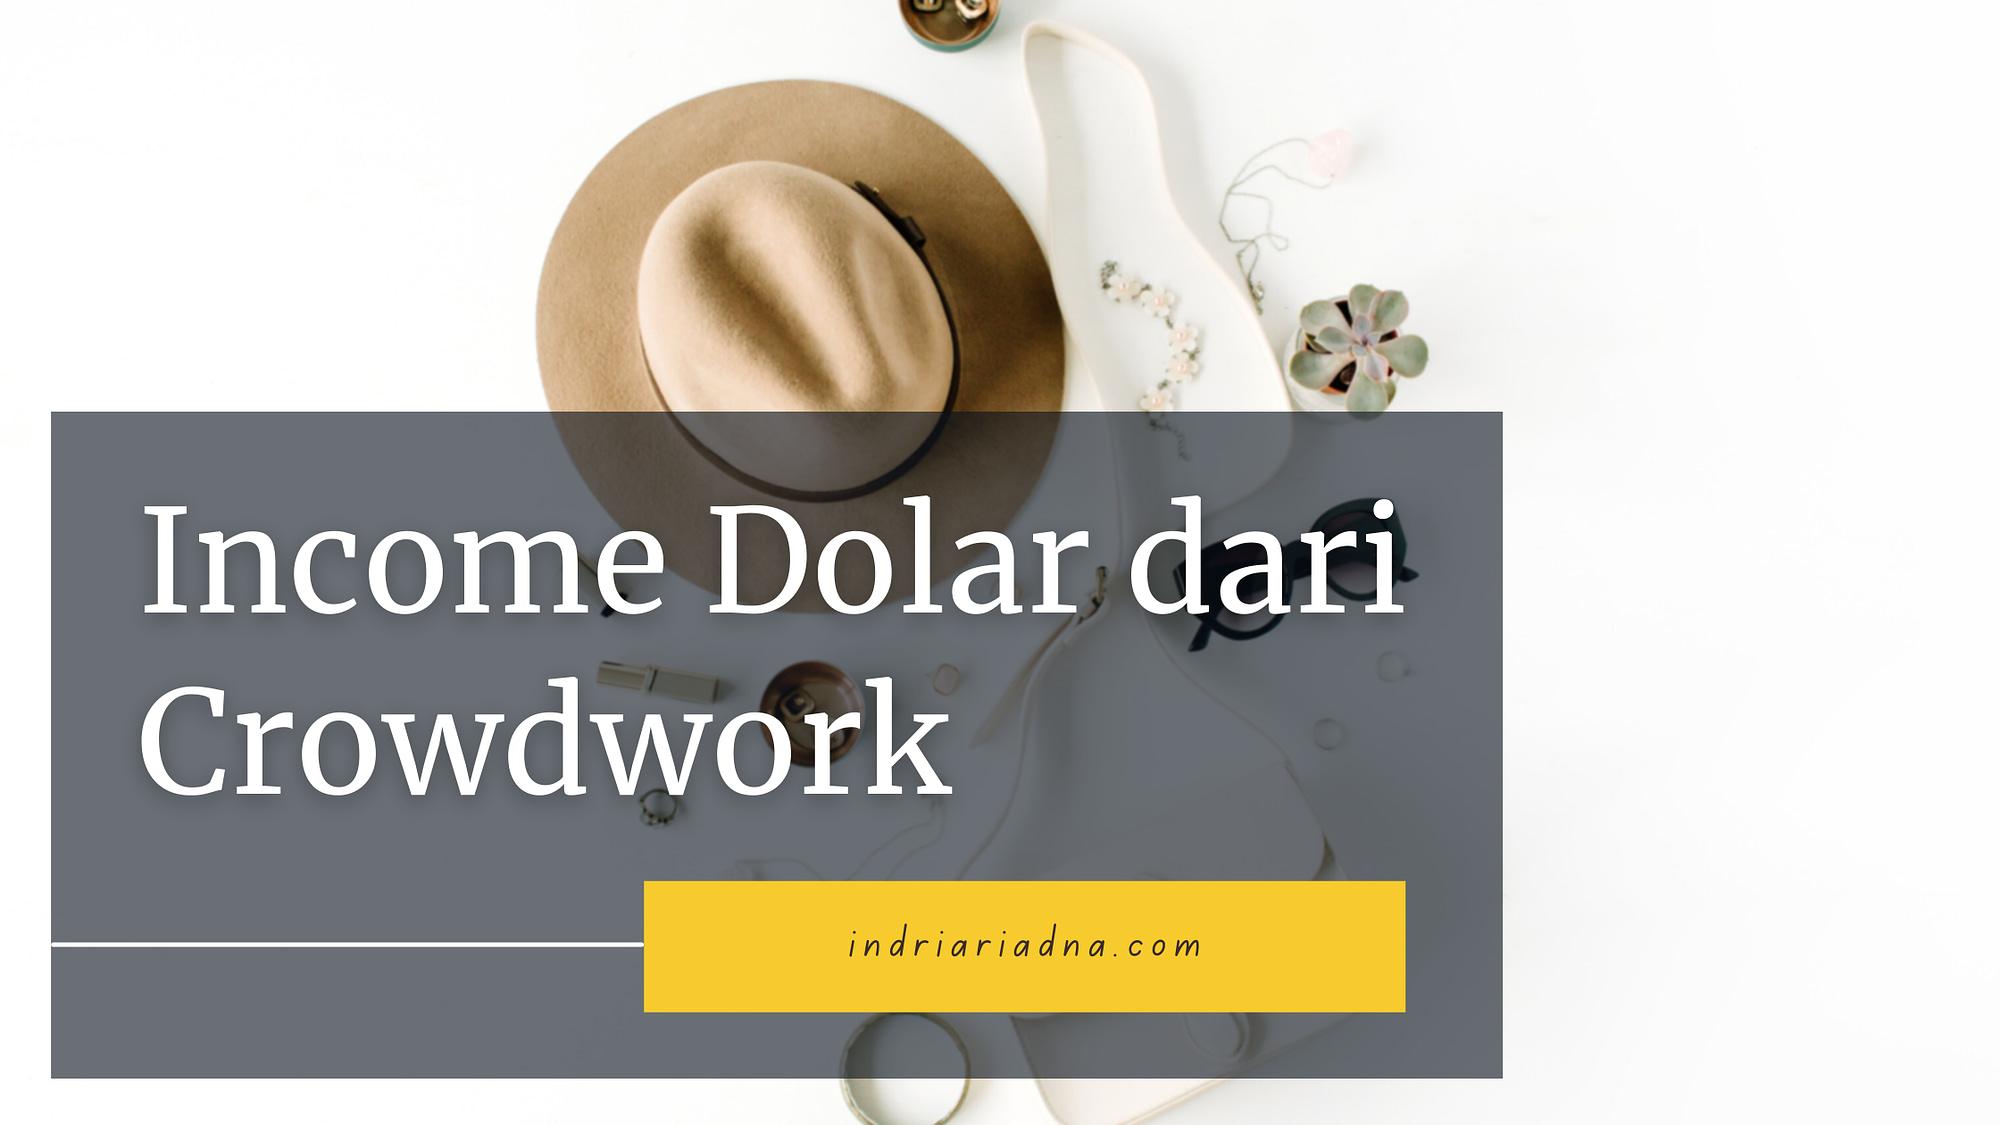 income dolar dari crowdwork